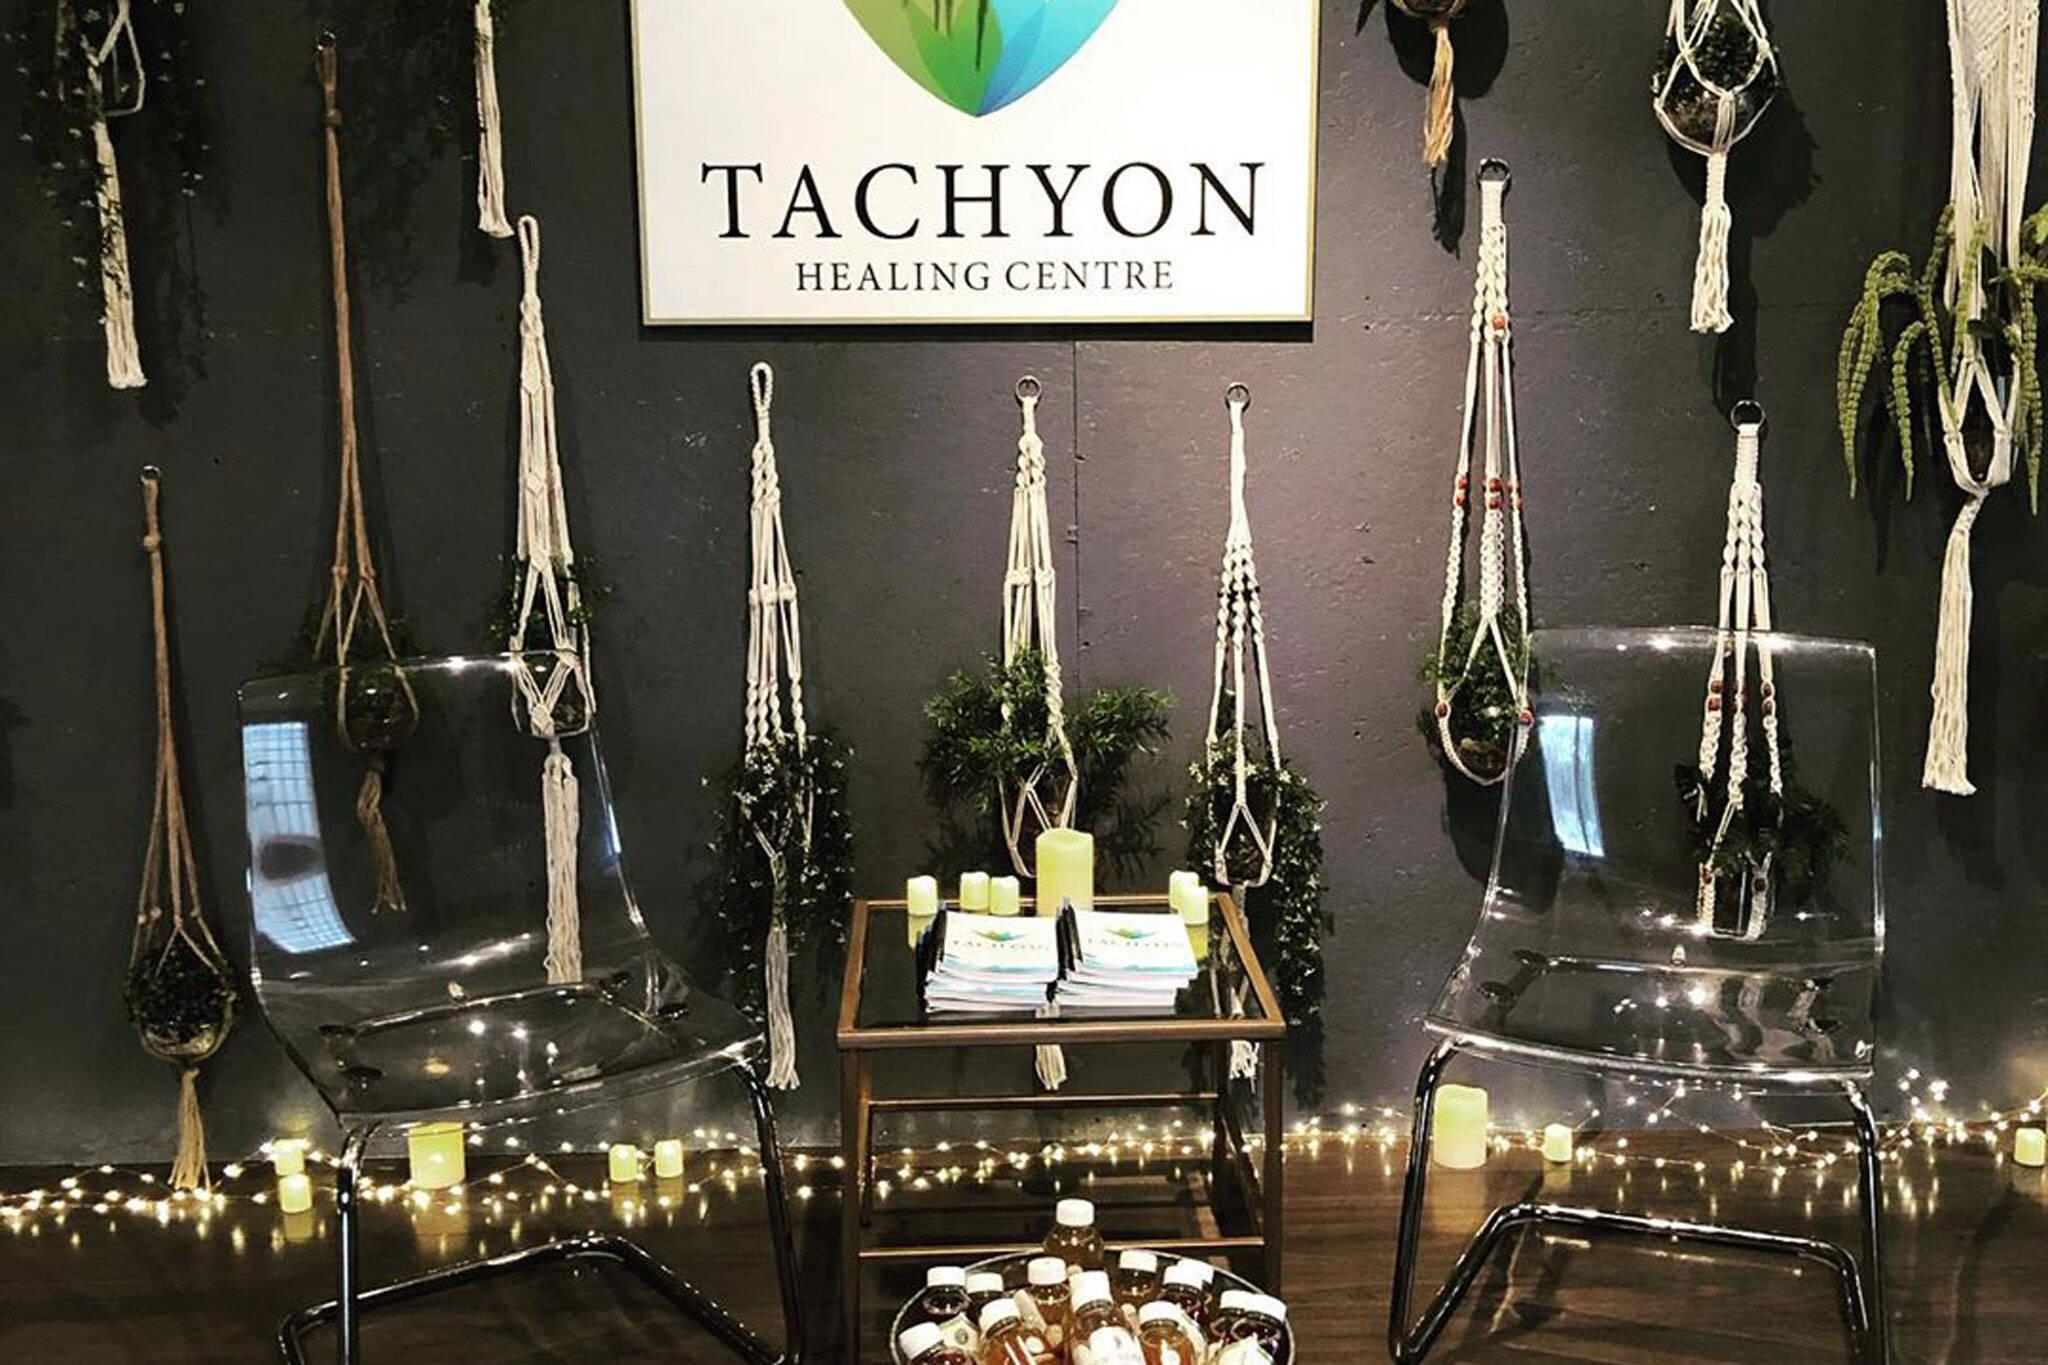 tachyon healing centre toronto